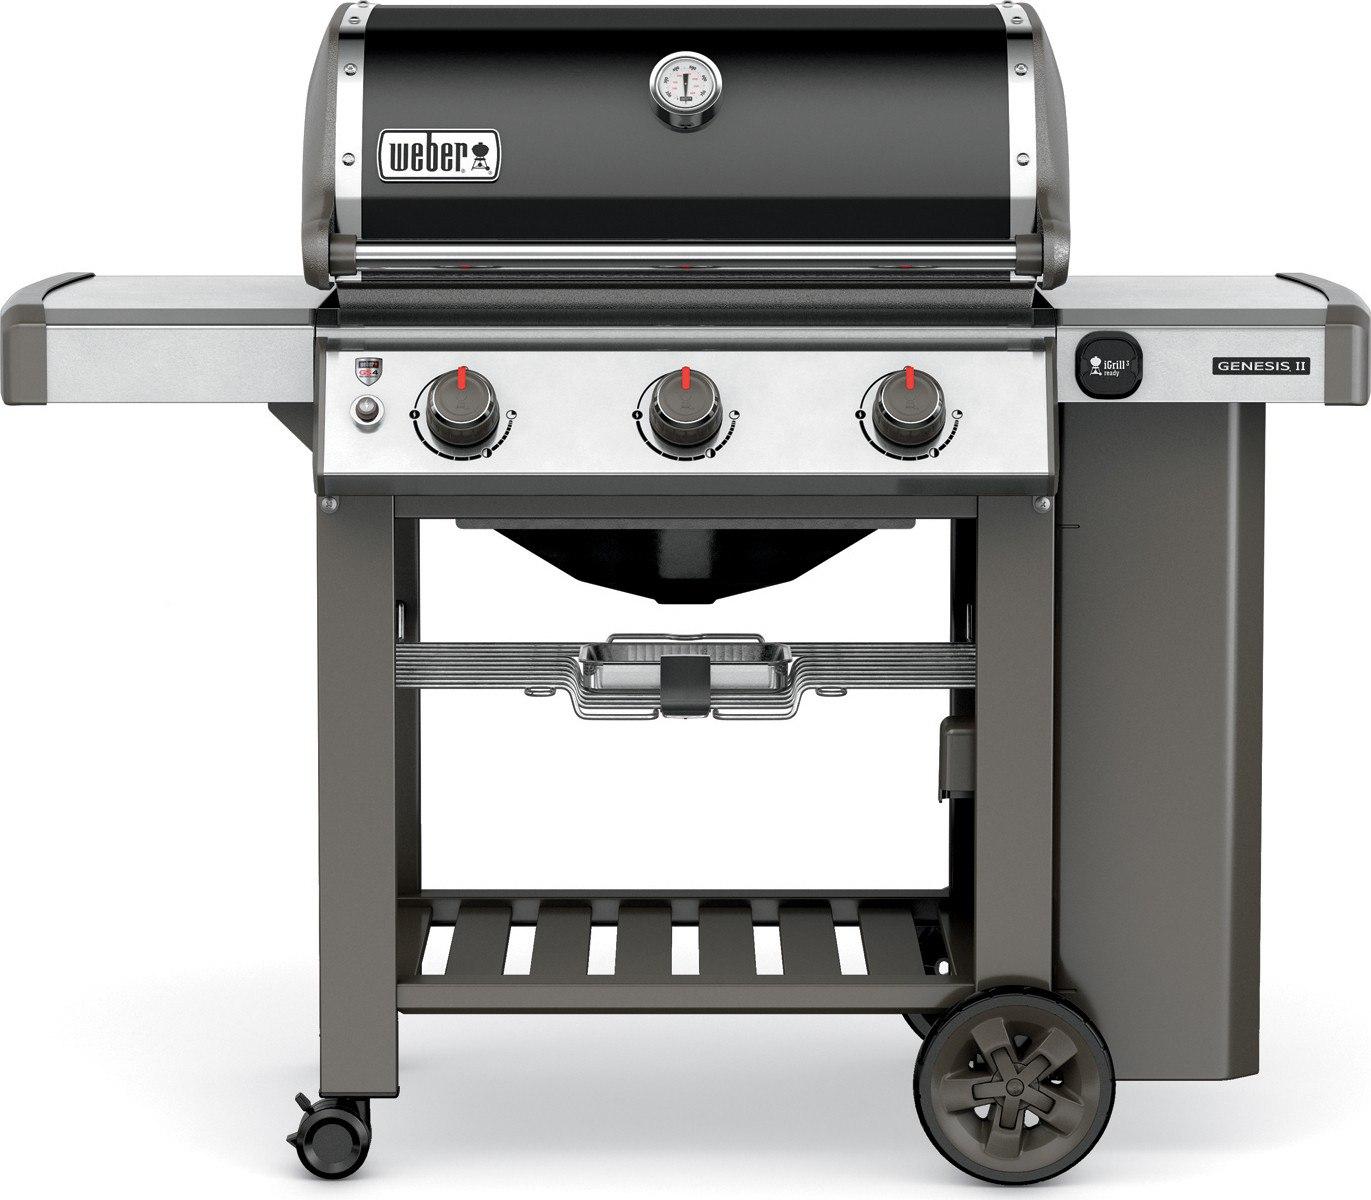 weber genesis II E-310 grill